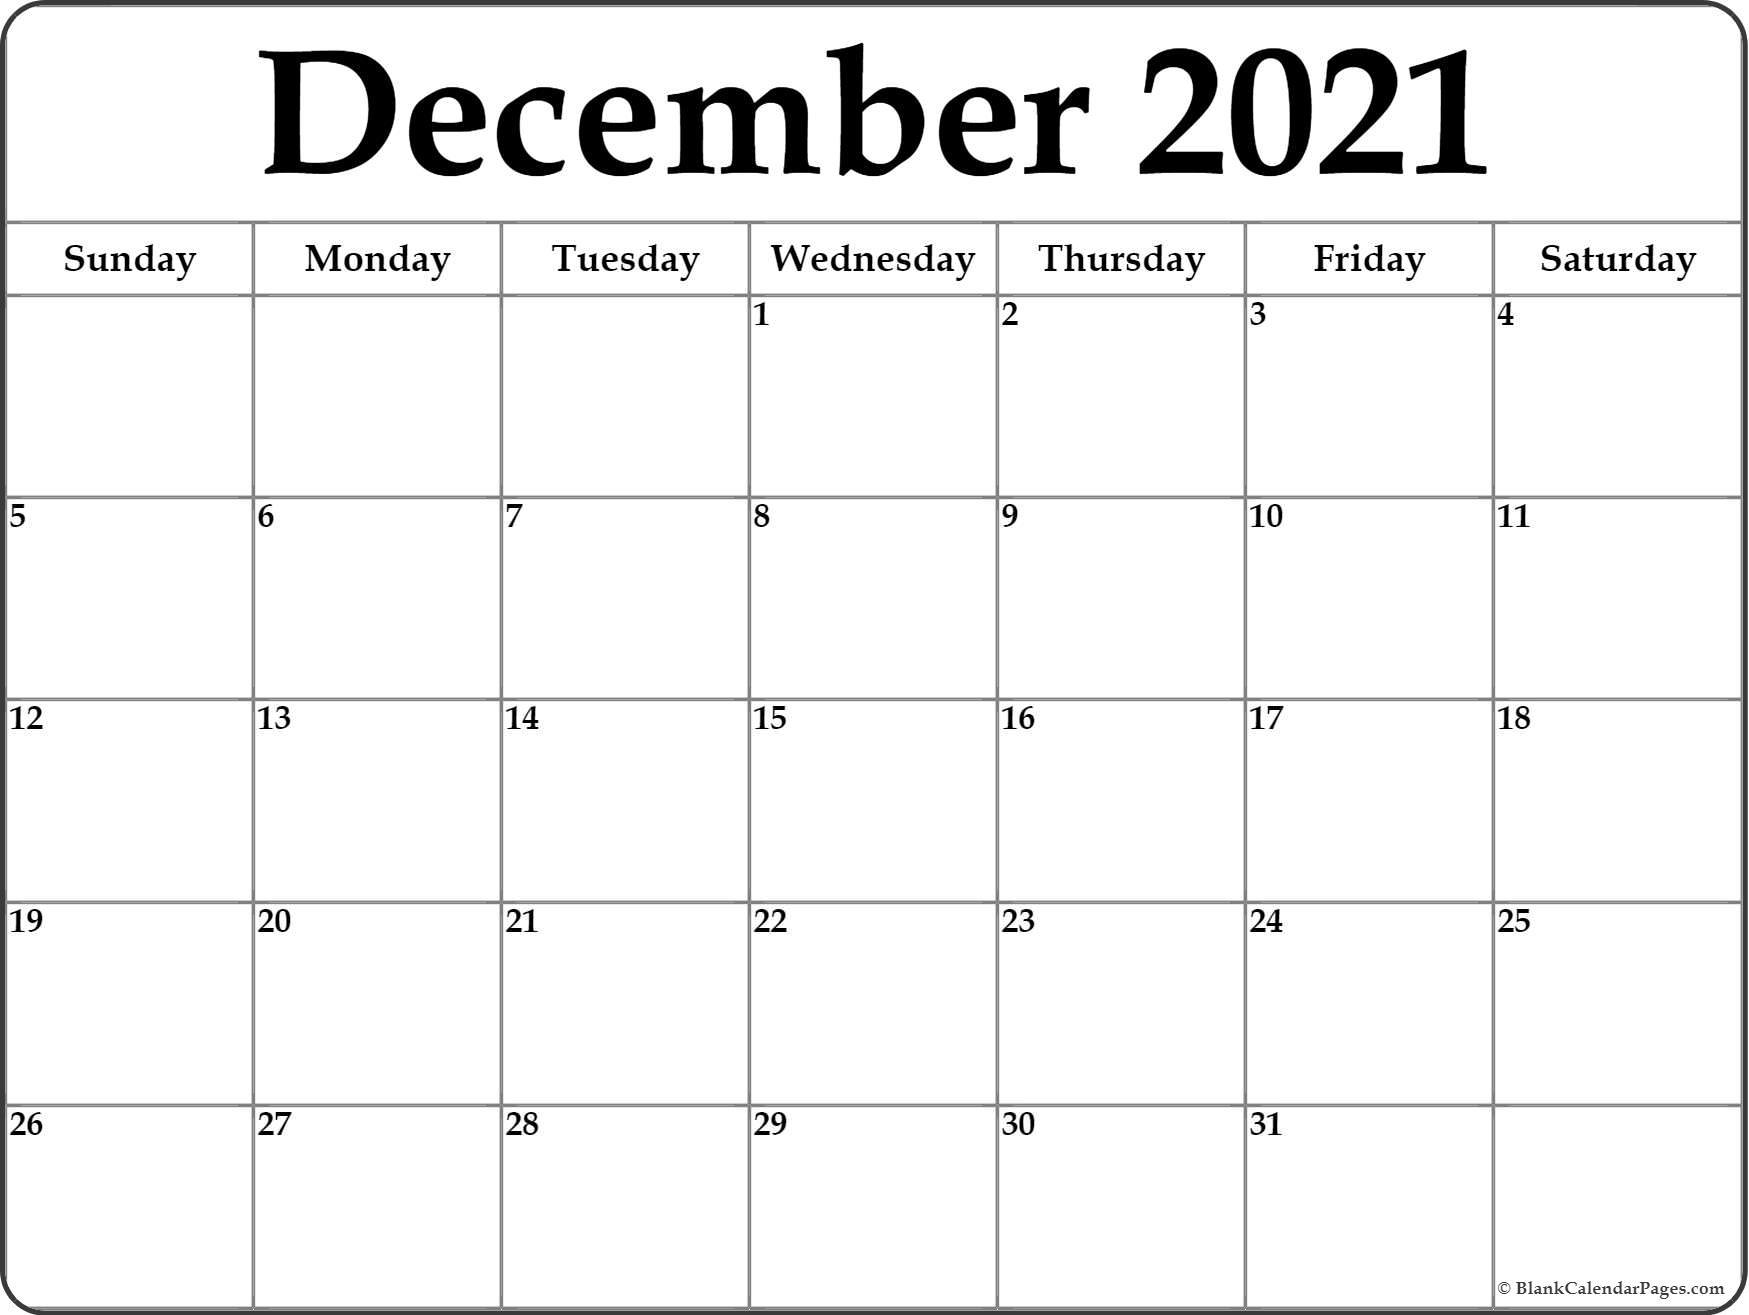 Catch August December 2021 Calendar